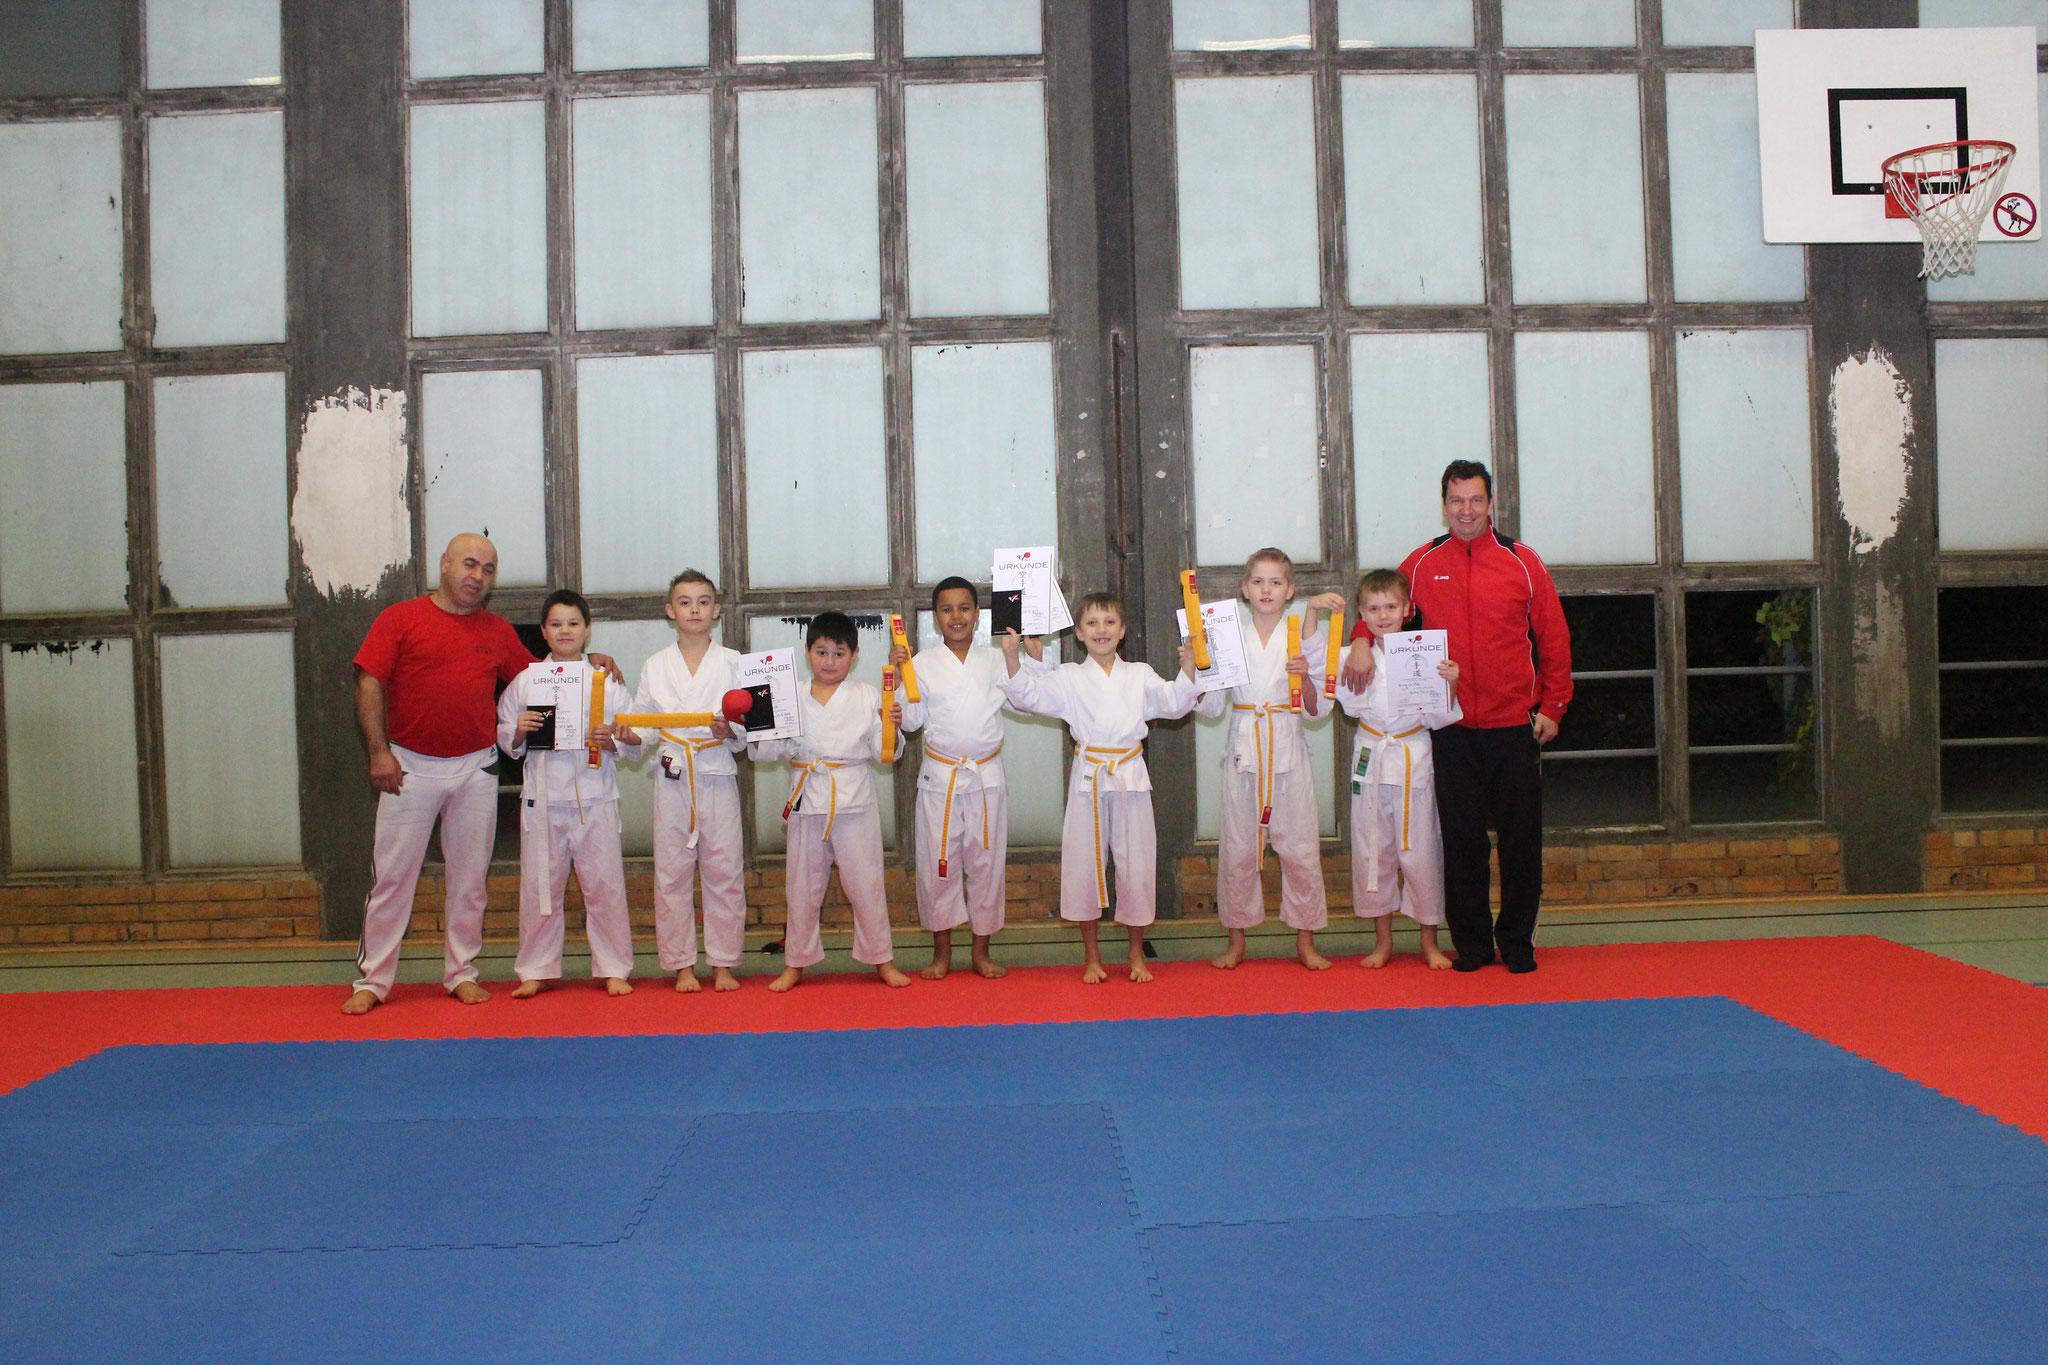 Die Kinder der ersten Gruppe mit Ihren Urkunden :) Max, Delian, Janne, Kimi, Edie, Onyia, Omar und Eva